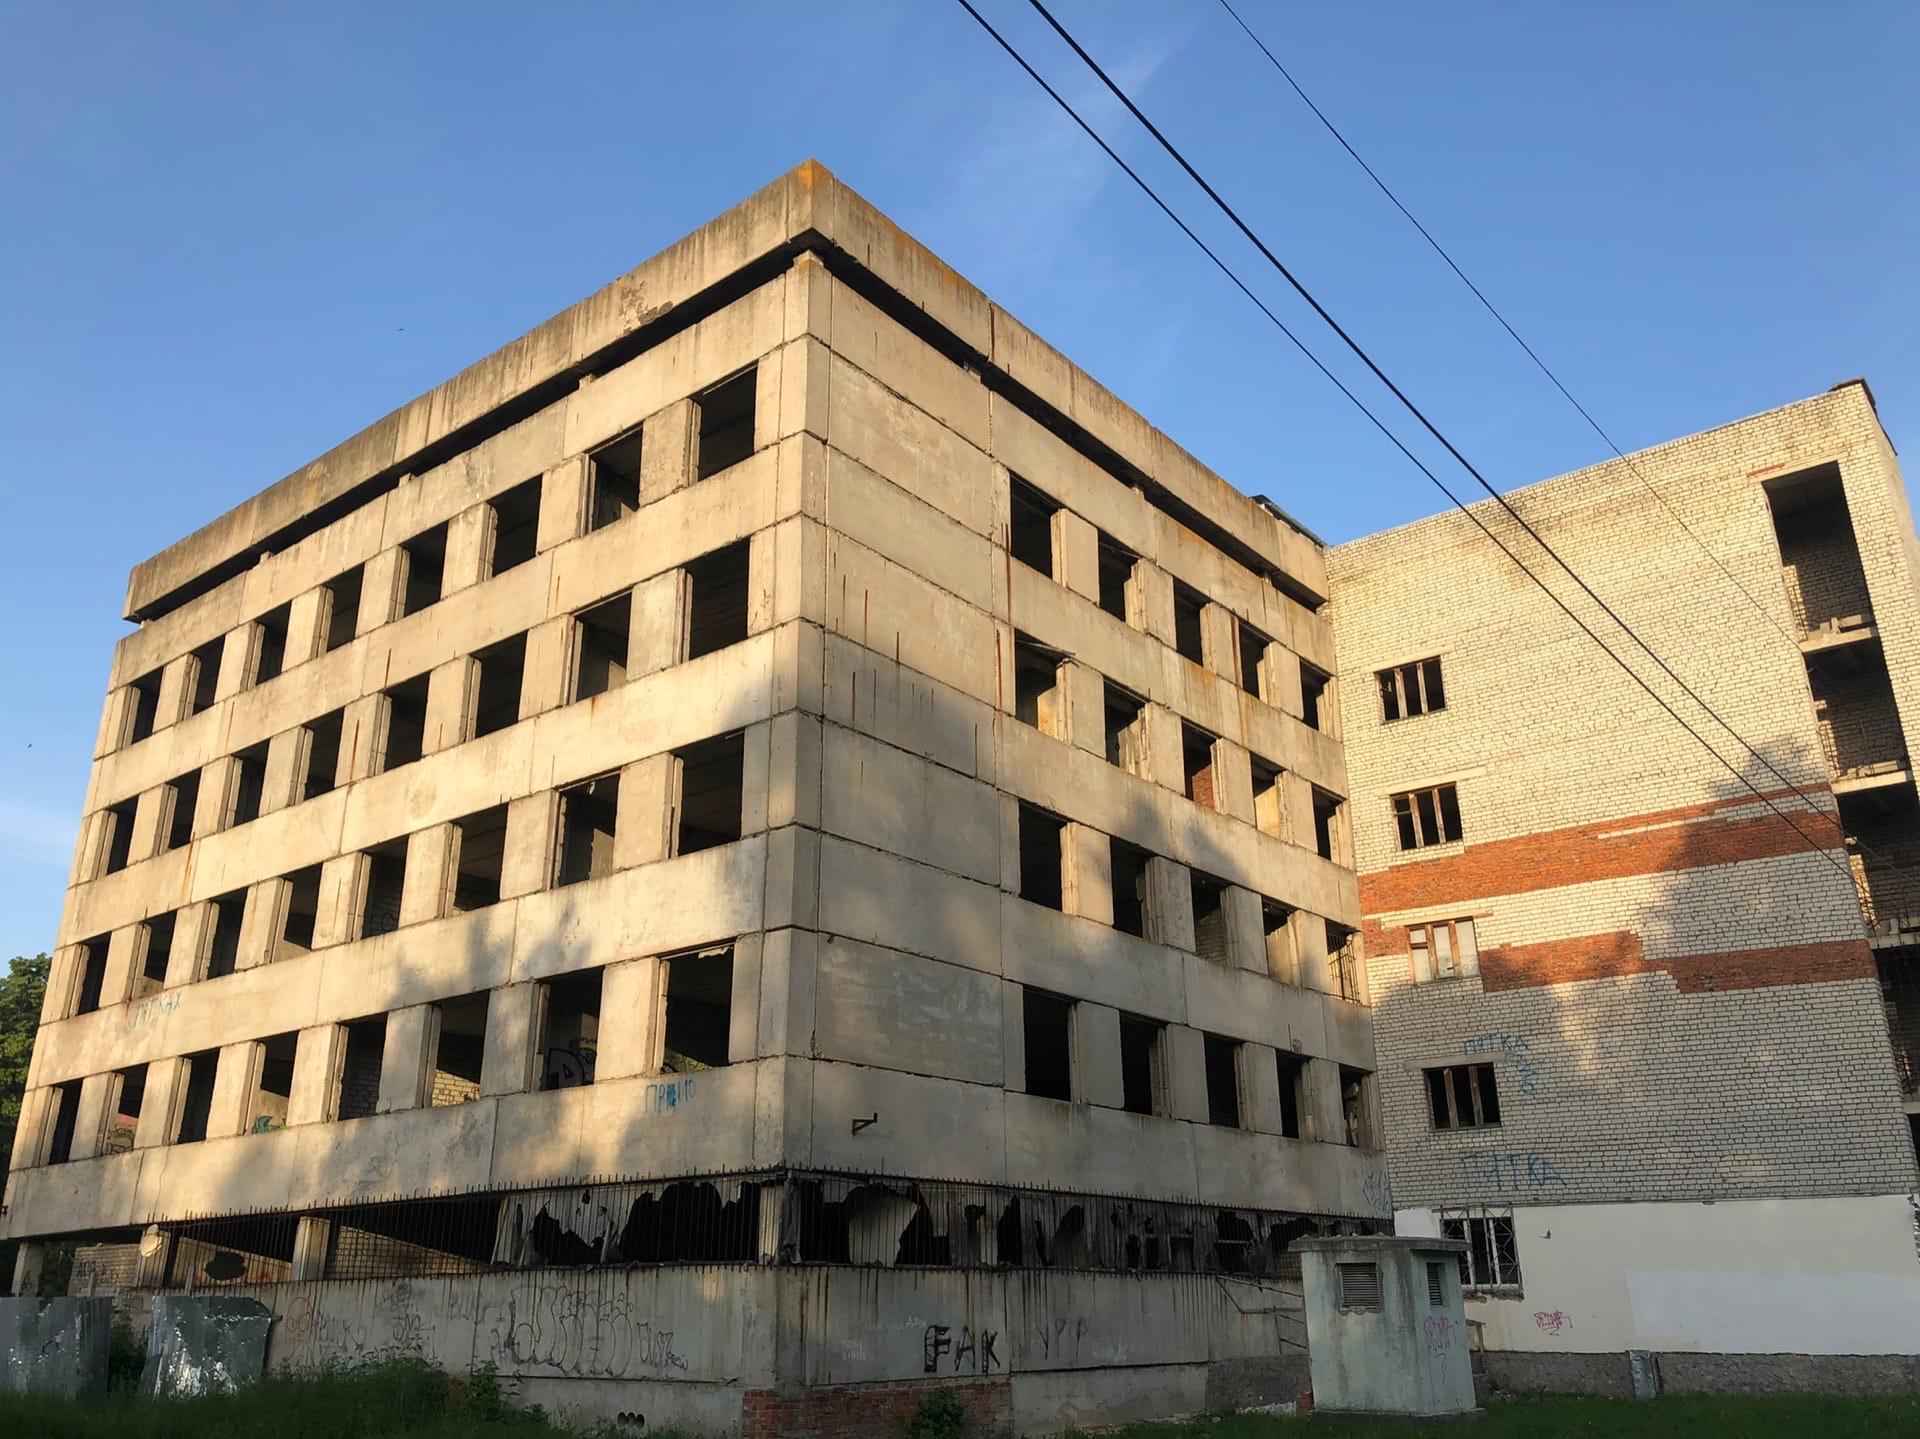 Заброшенный больничный корпус